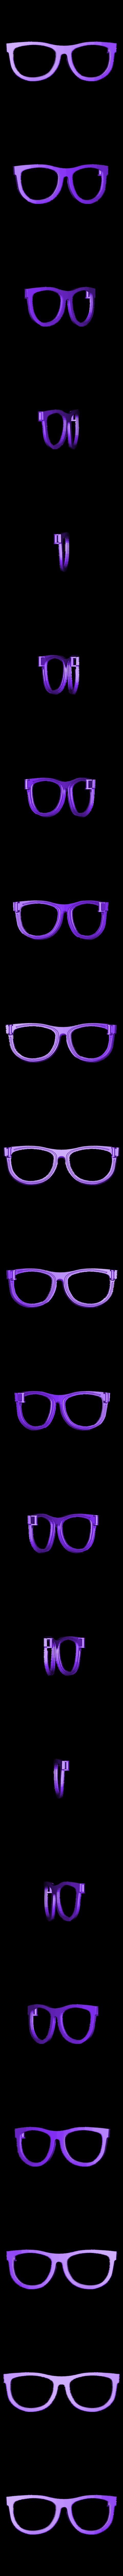 De 3d Gafas Sol ・ Gratis Diseños Cults QCrdtshx